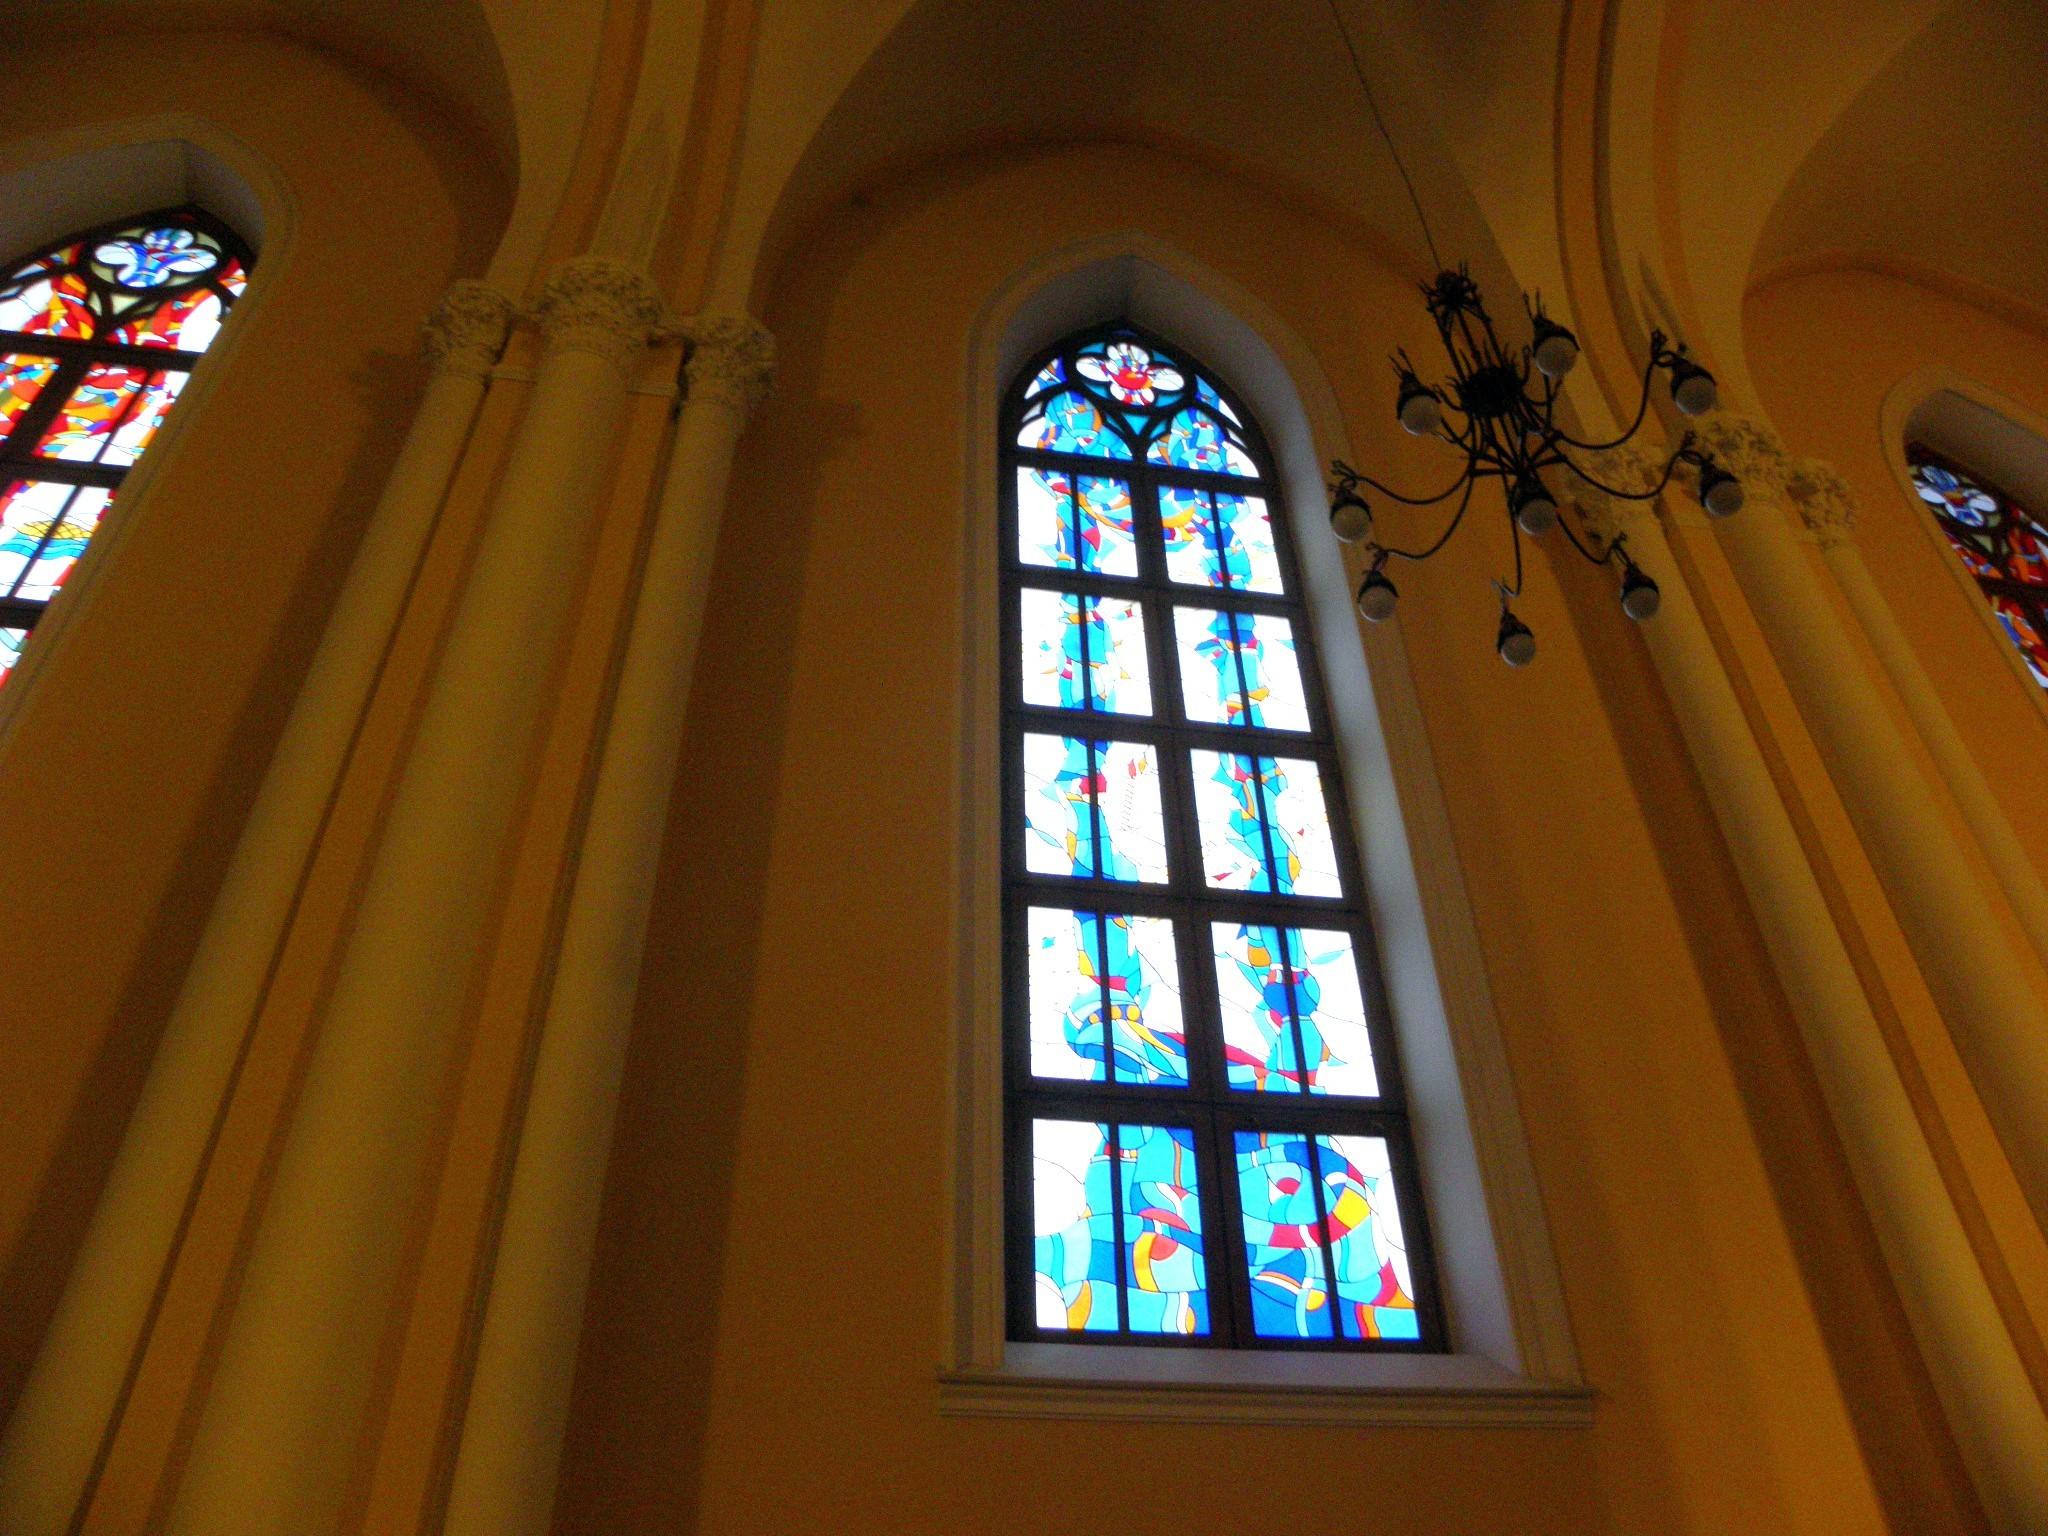 Окна римско-католического кафедрального собора. Блиц: окна